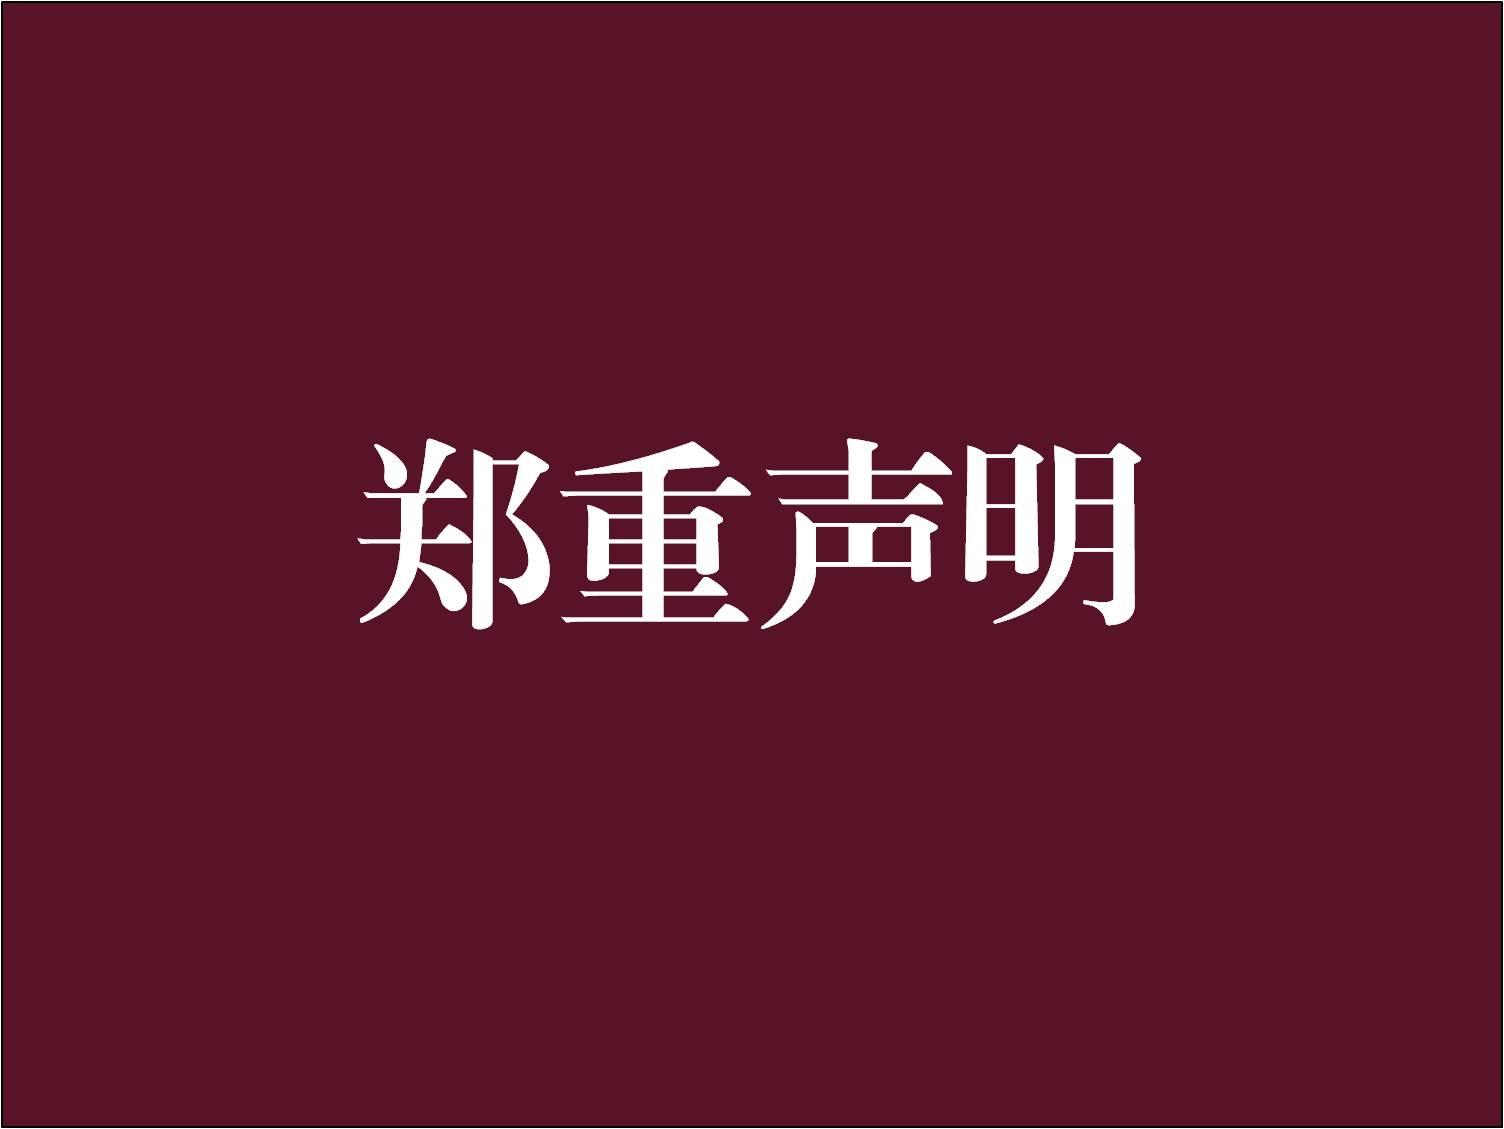 湖北省職業技能鑒定指導中心關于湖北省國家職業資格考試的鄭重聲明